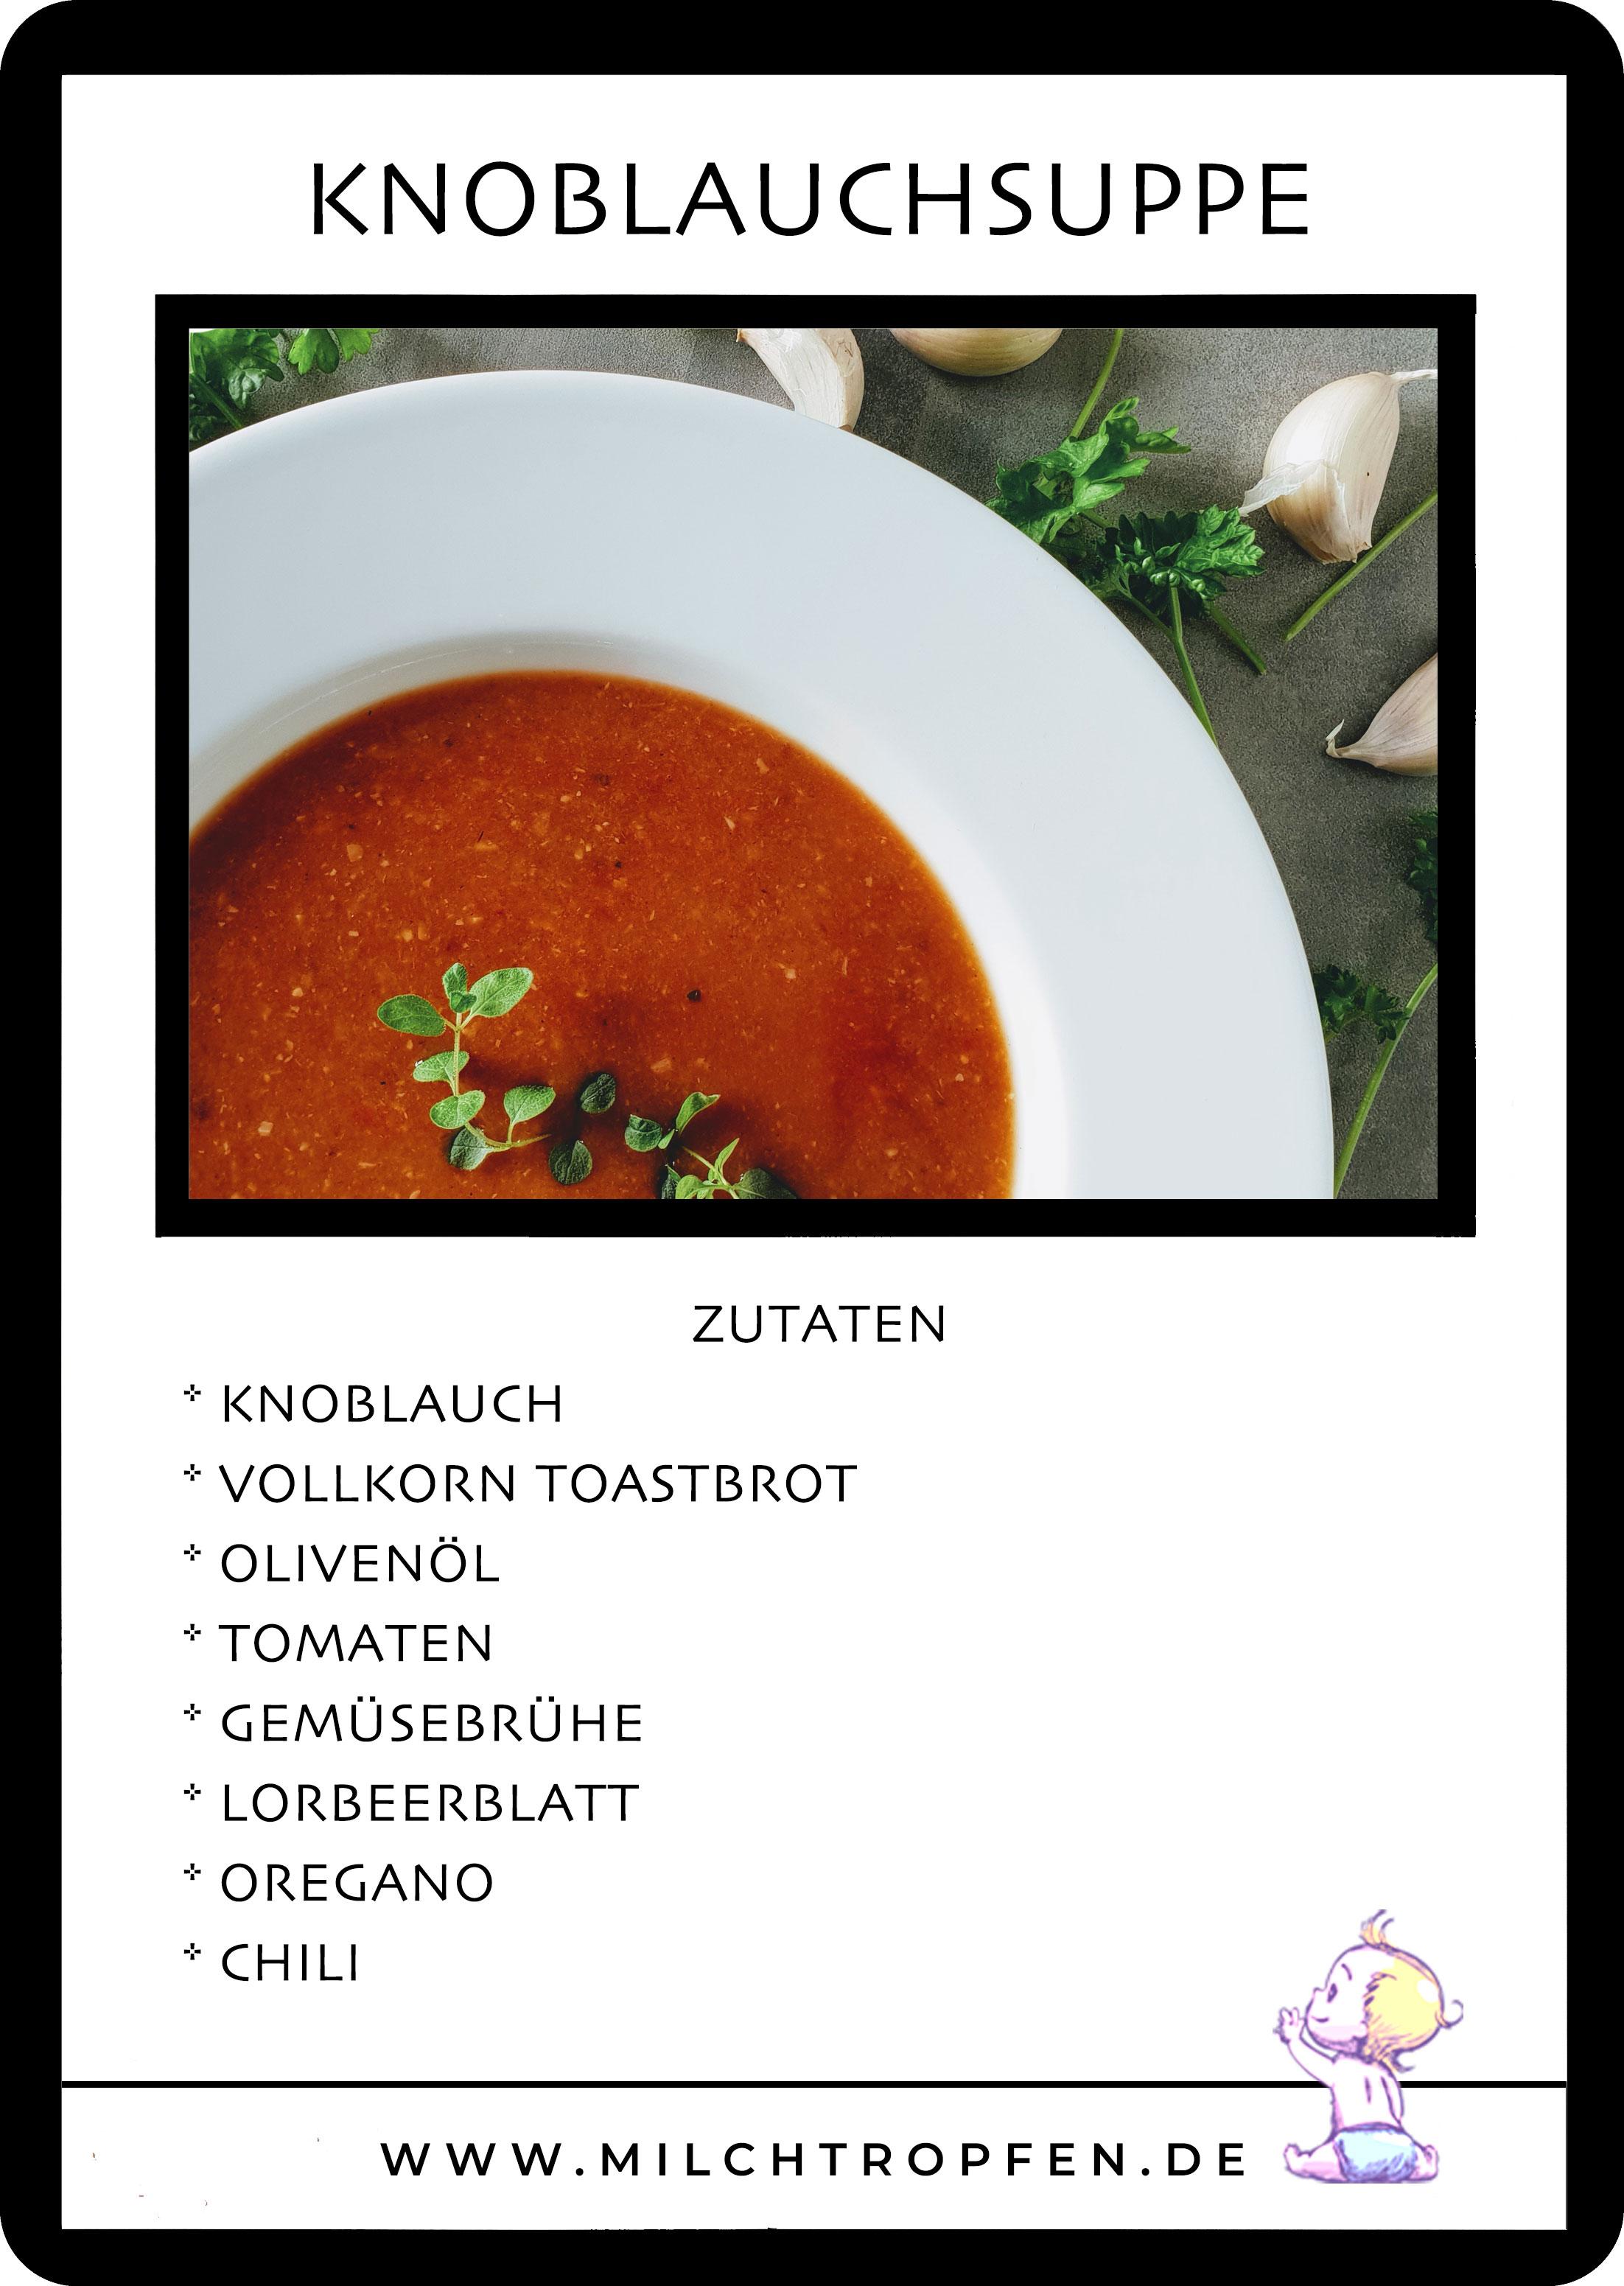 Mallorquinische Knoblauchsuppe | Mehr Infos auf www.milchtropfen.de